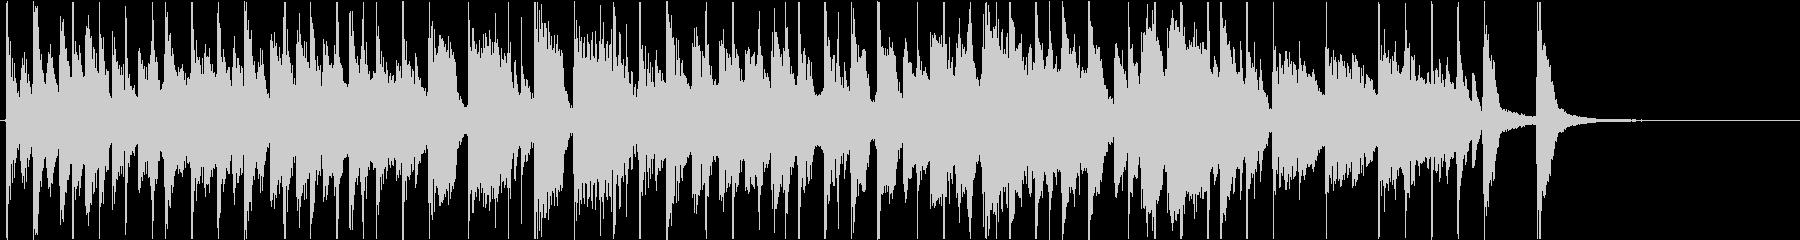 アンサンブルが魅力の30秒ジングルの未再生の波形